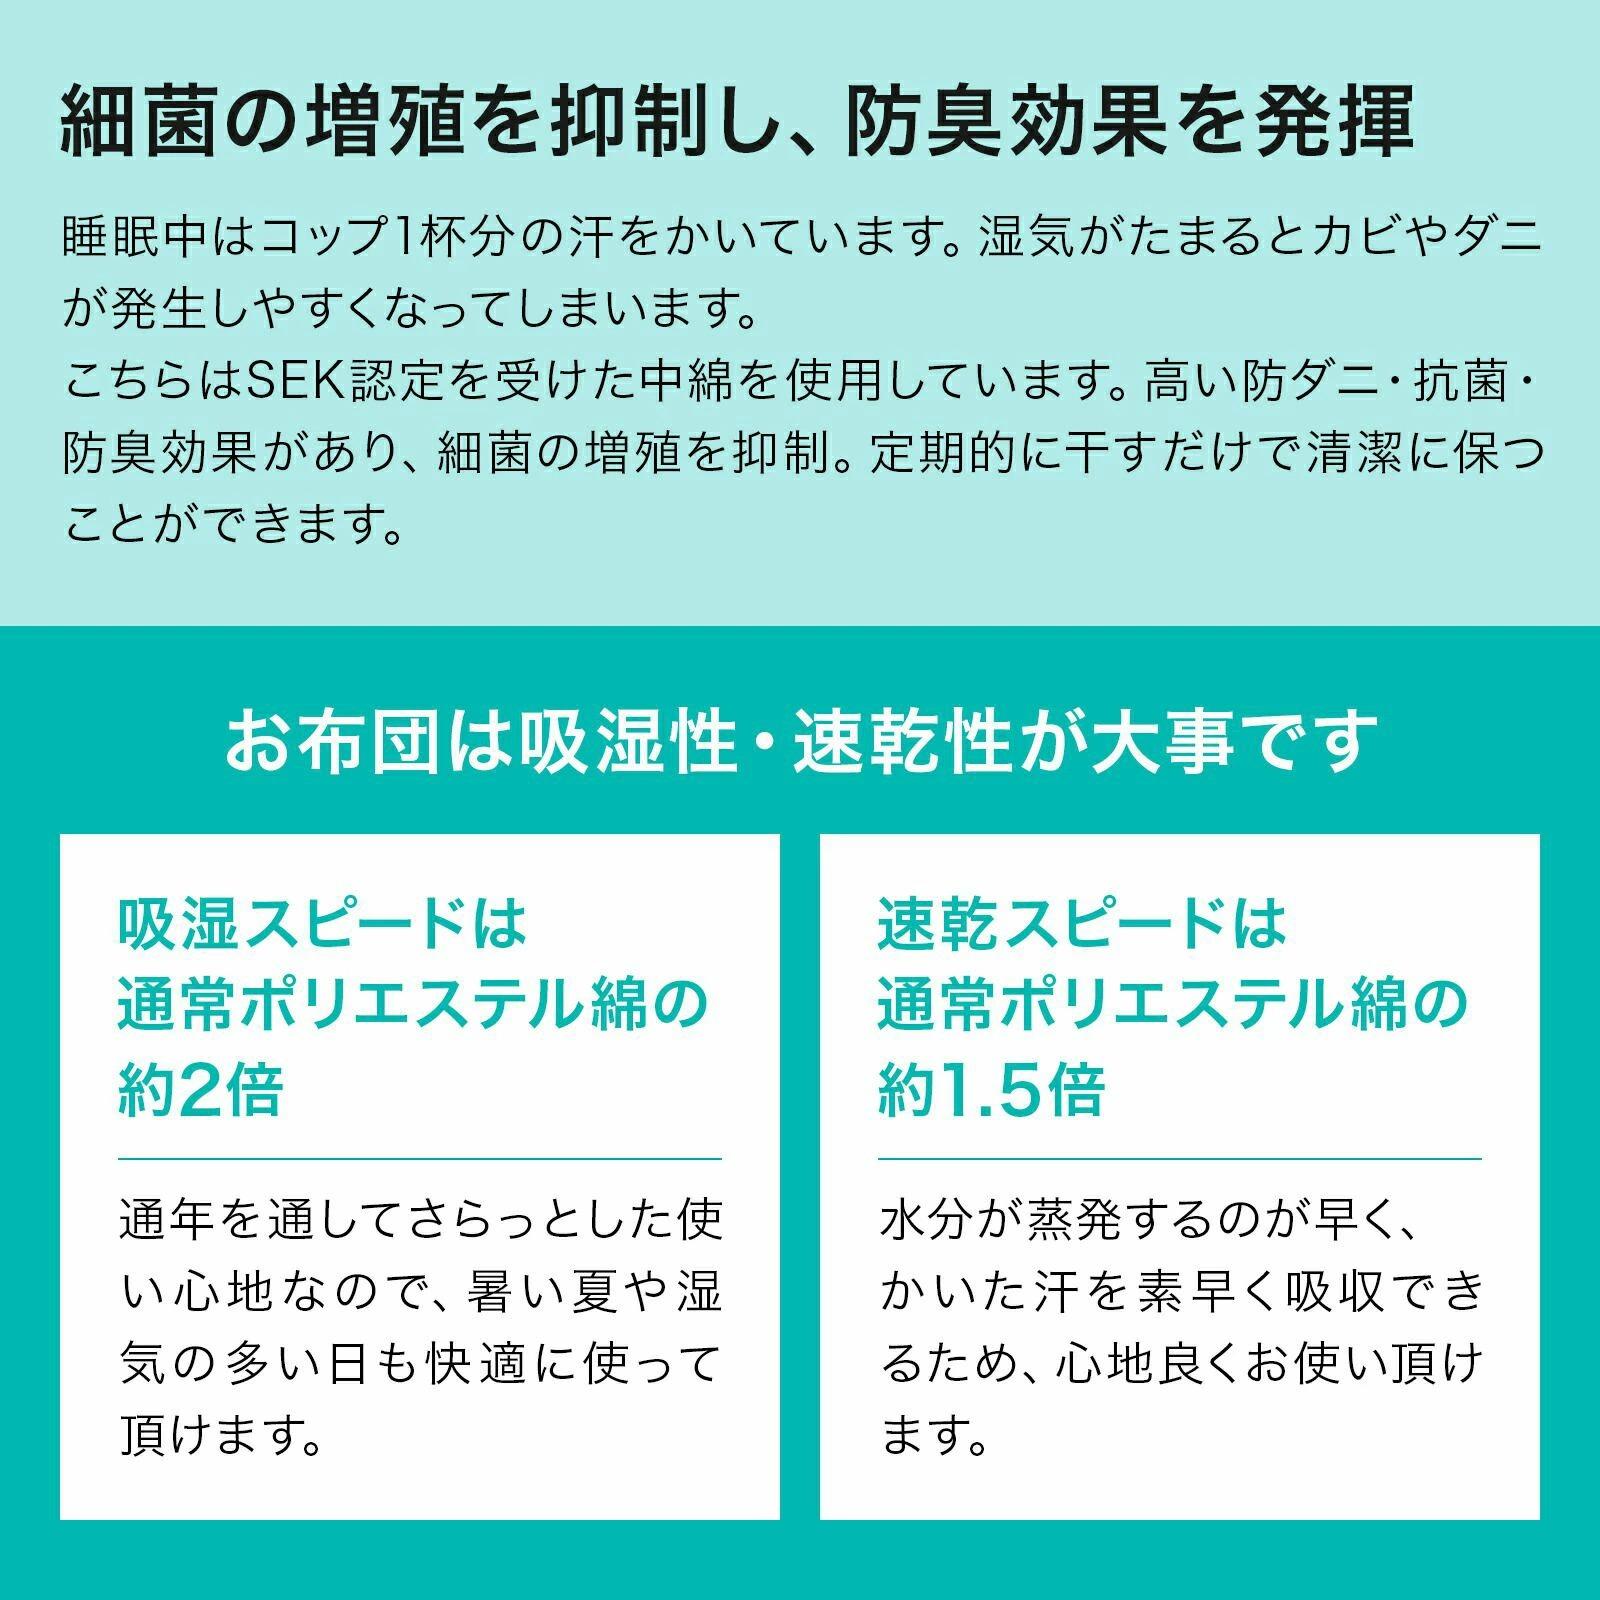 敷布団 シングル 日本製 四層ボリューム敷布団 アクフィット シングルサイズ 防ダニ 抗菌 防臭 吸汗 速乾加工中綿